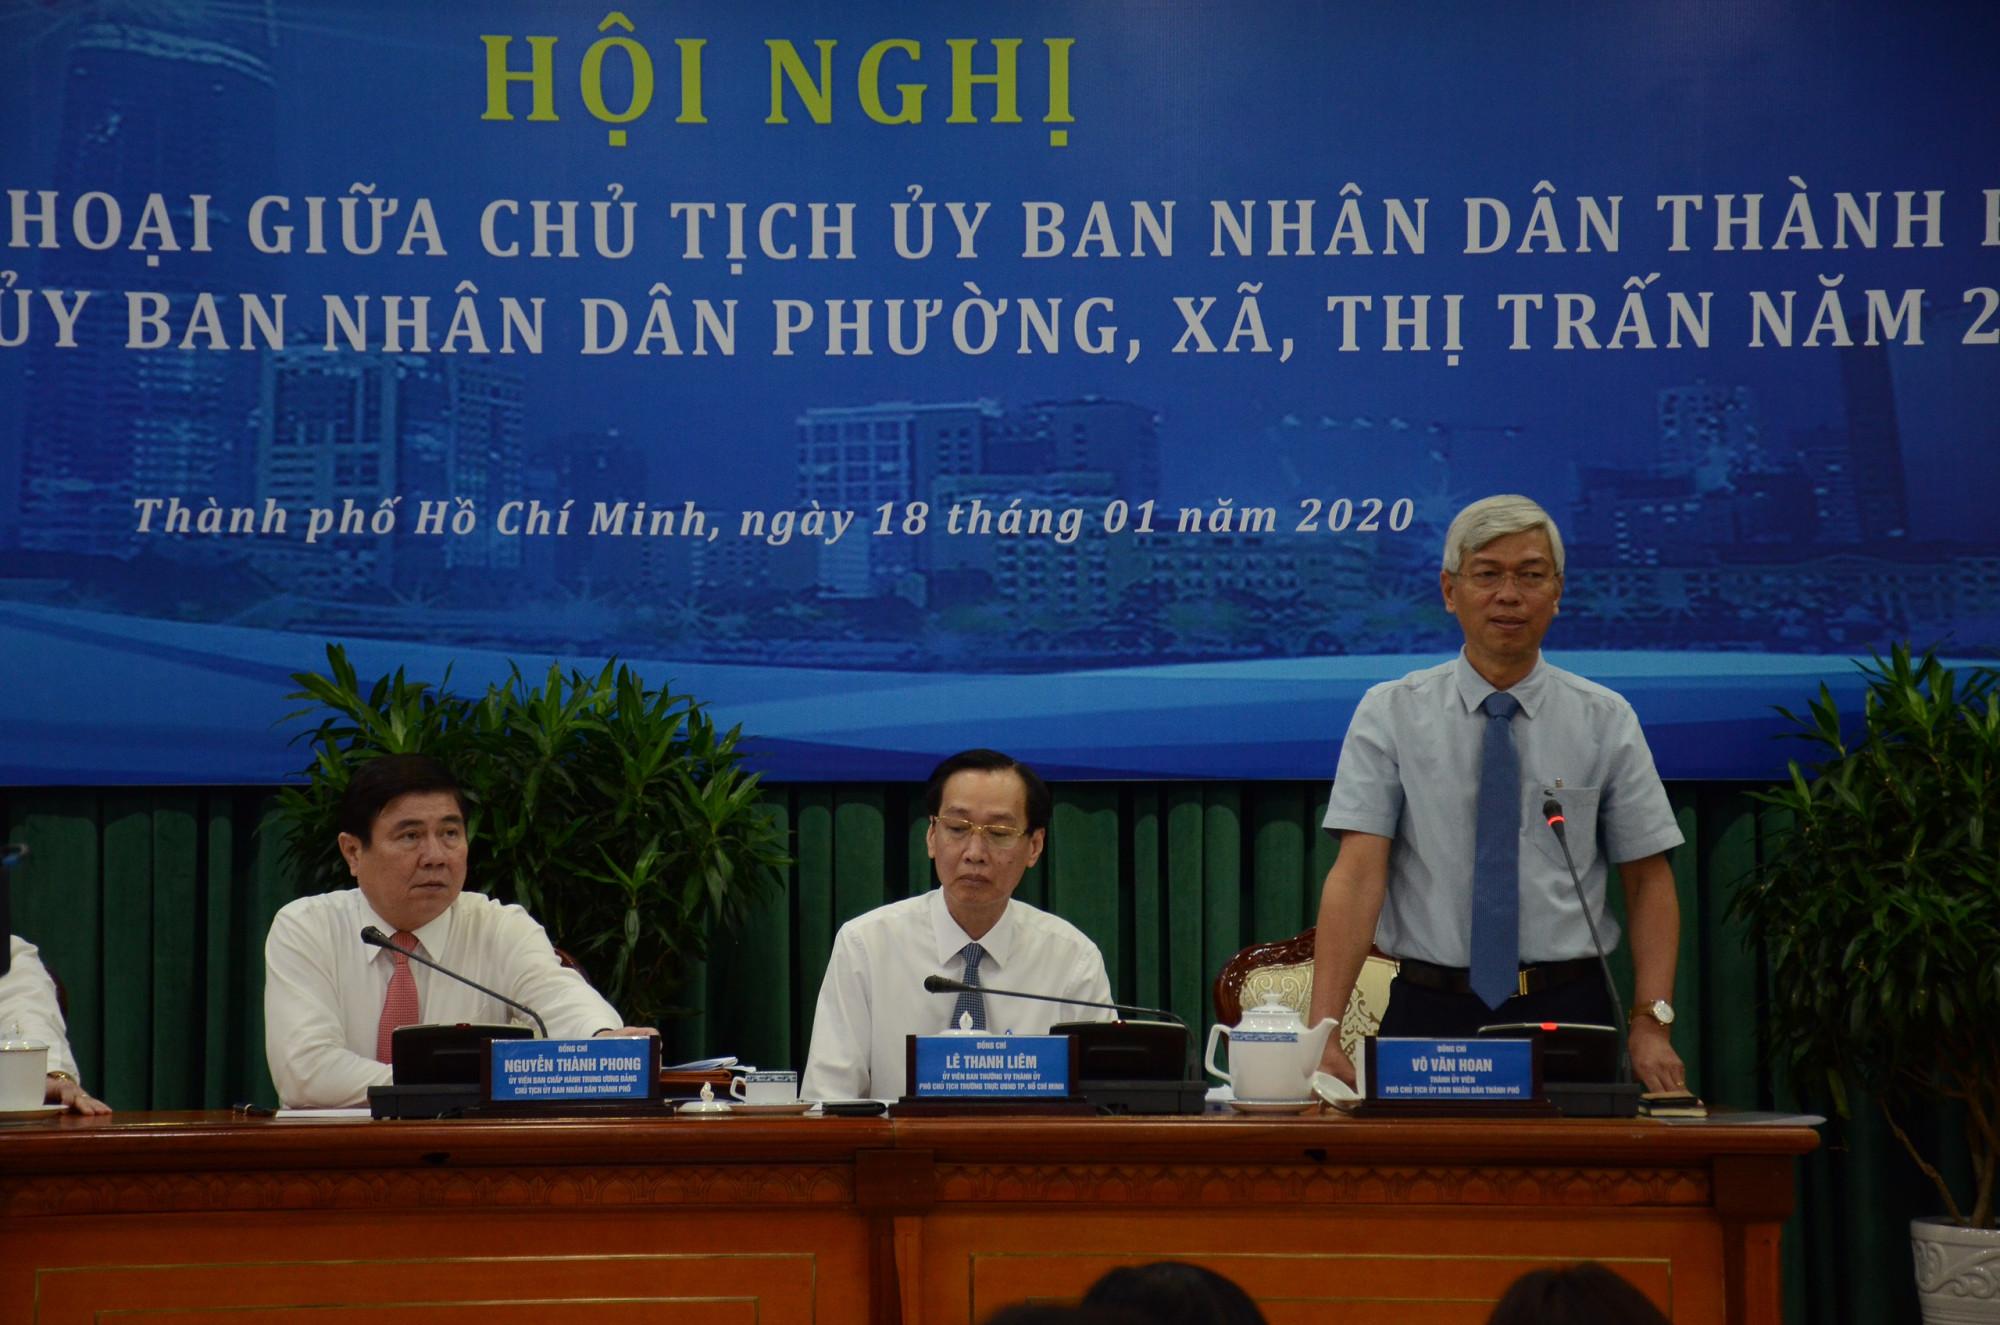 Phó chủ tịch UBND TPHCM Võ Văn Hoan phát biểu sáng 18/1